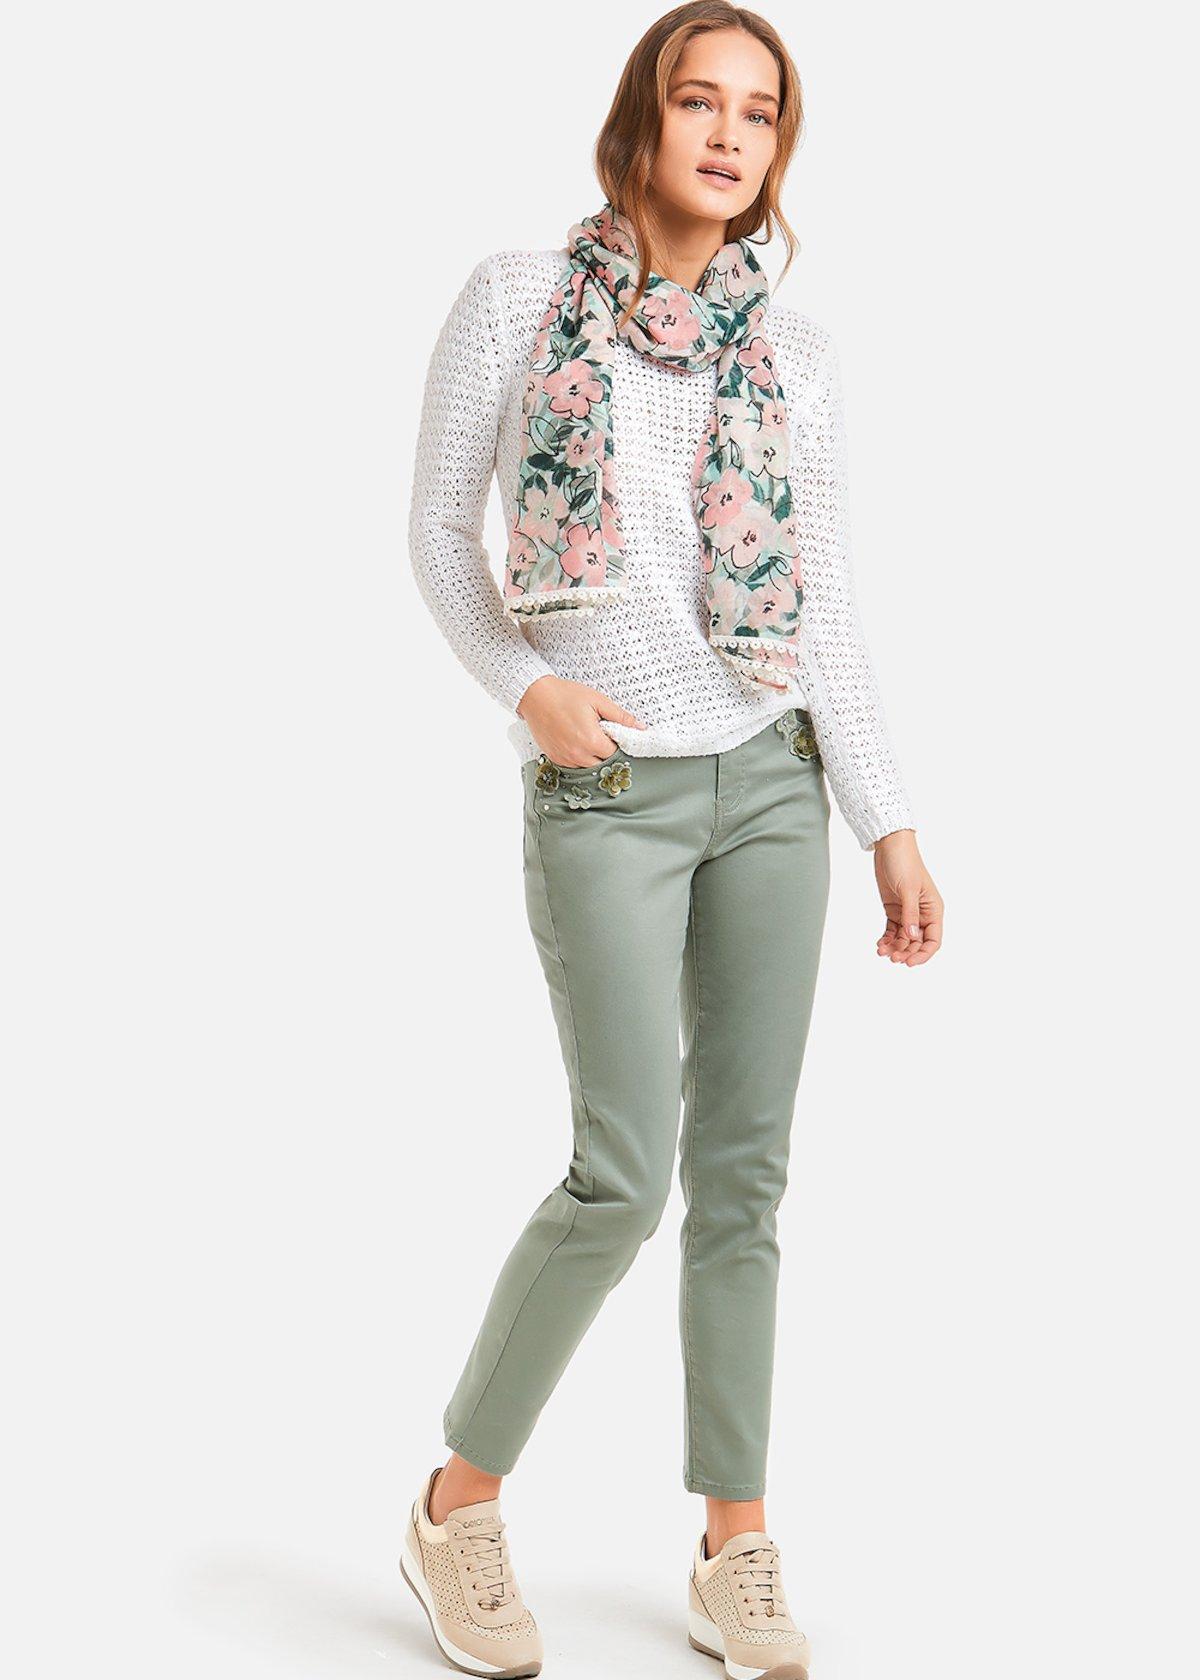 Satin cotton Primus trousers - Mint